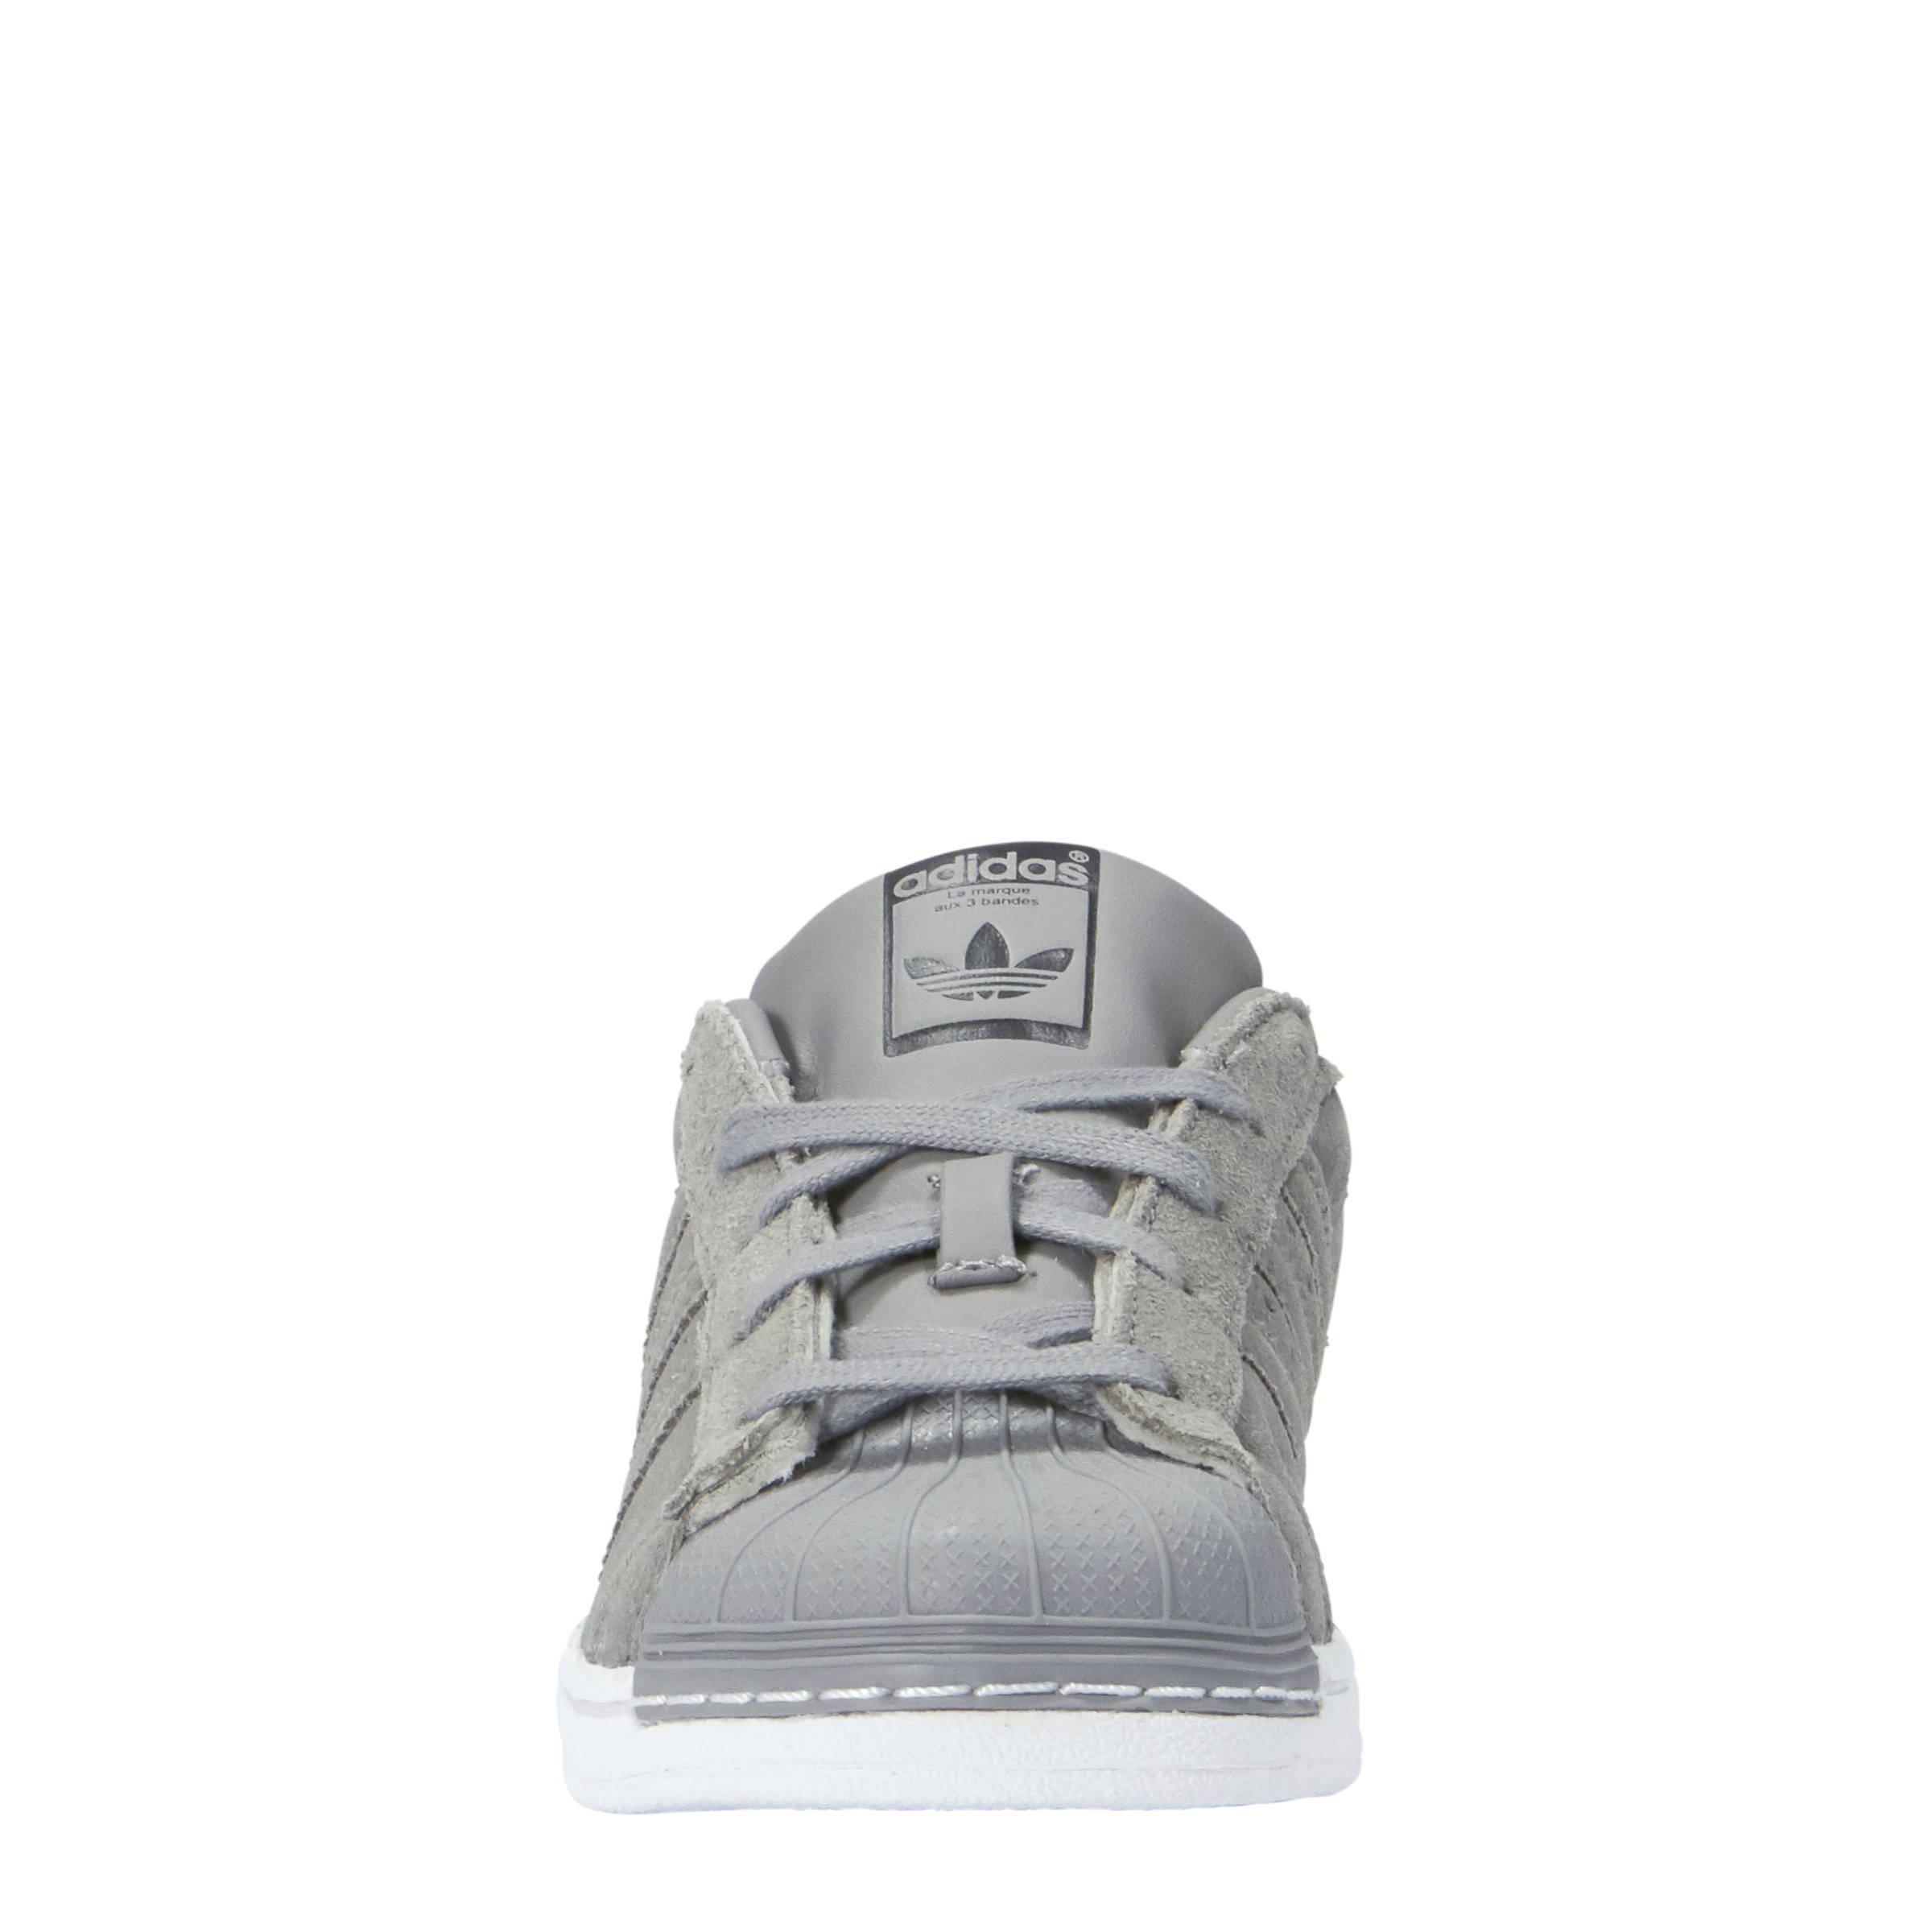   adidas SUPERSTAR EL C S76615 schoenen sneakers